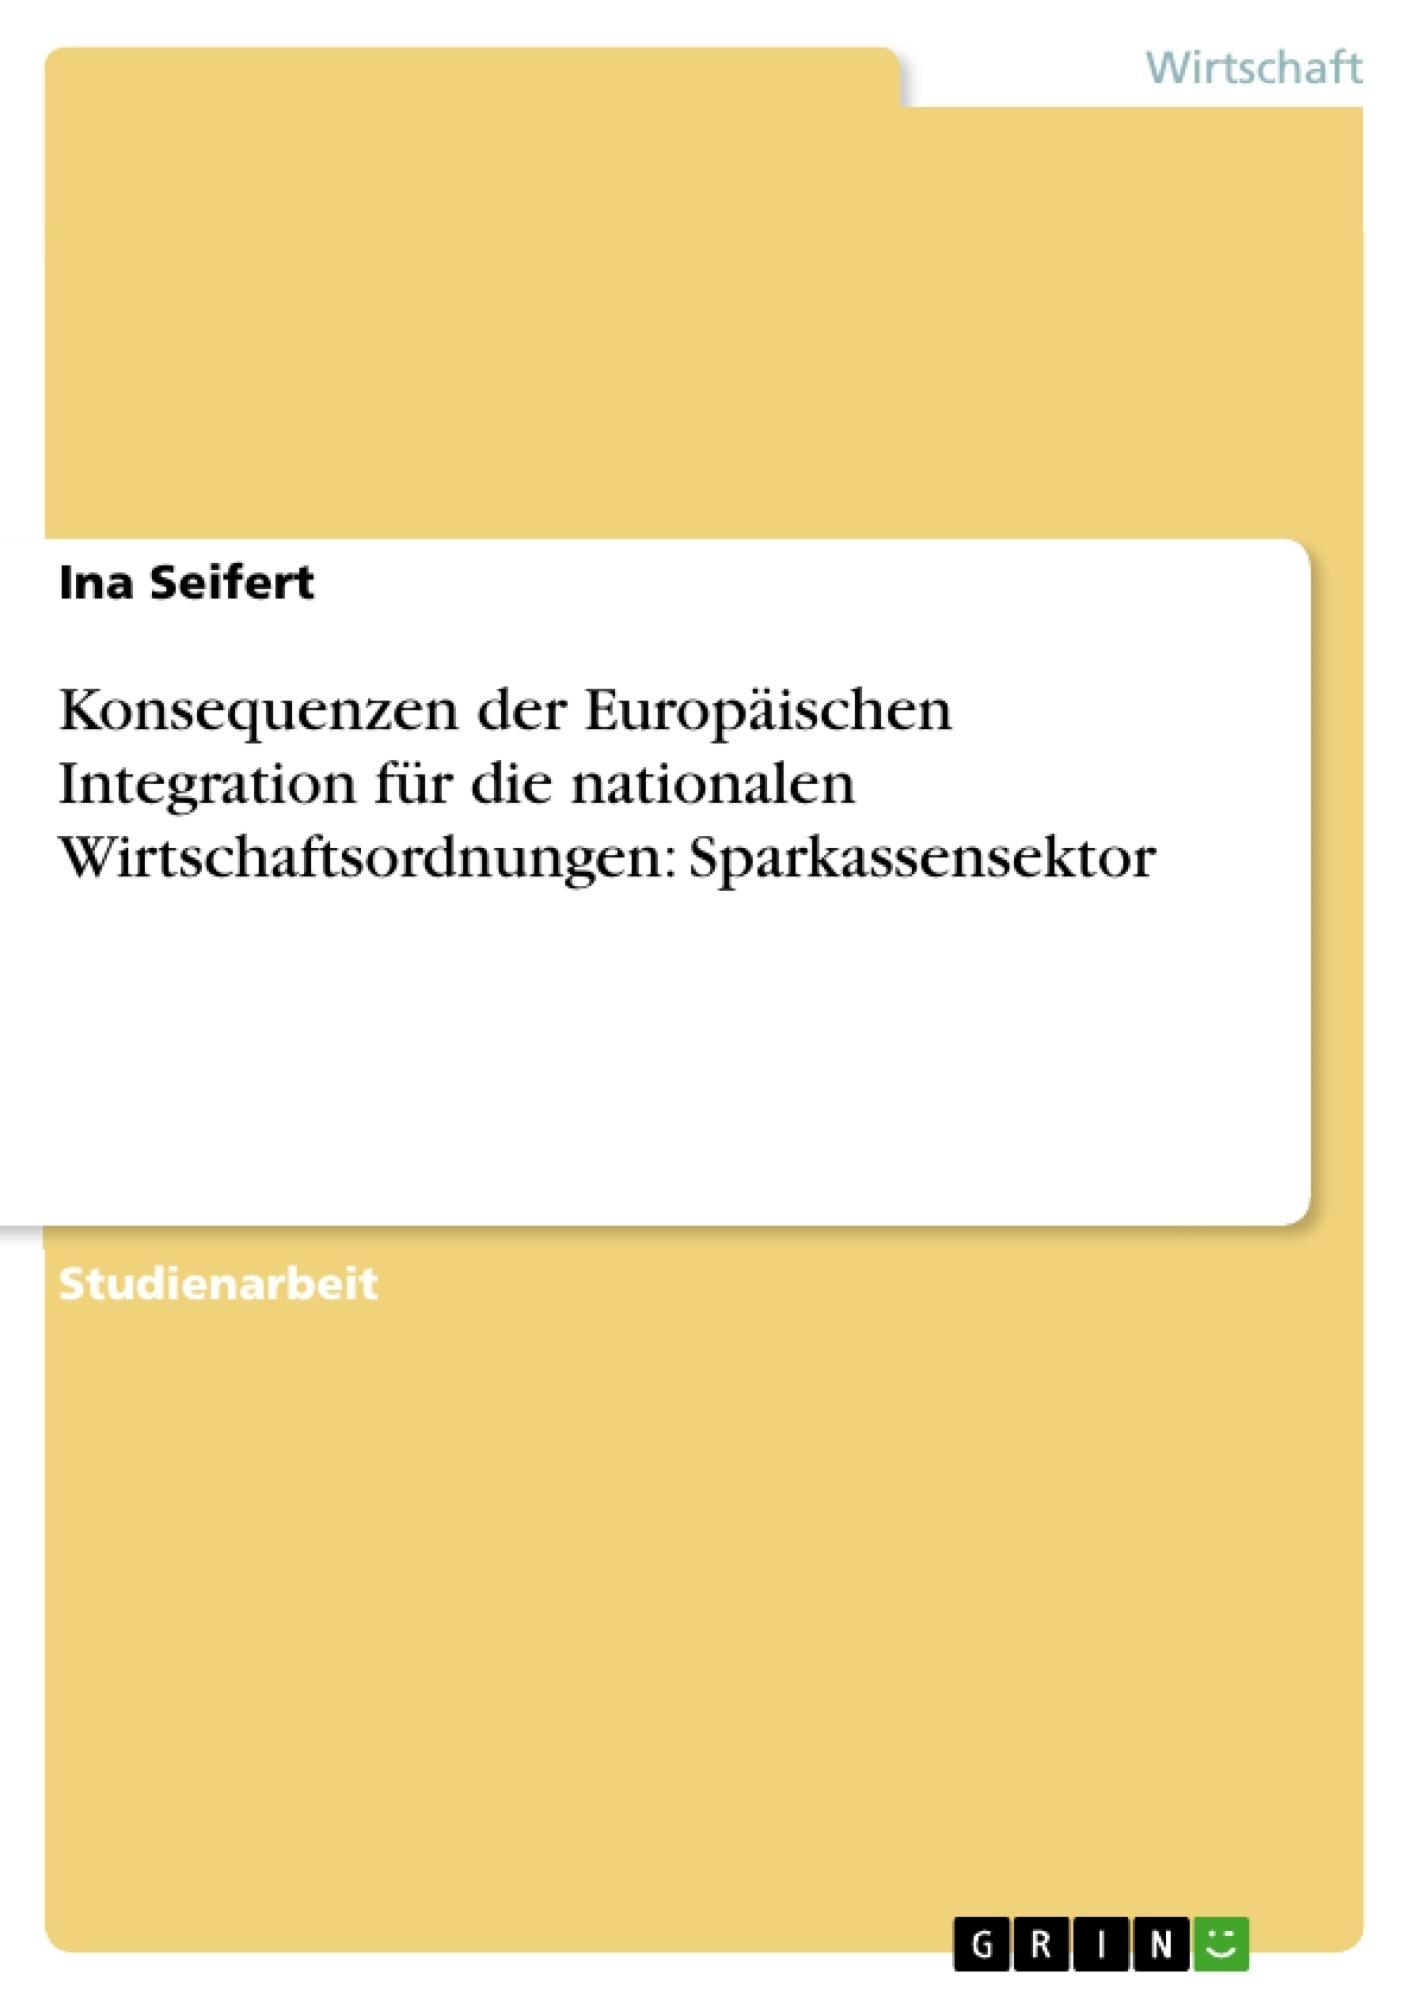 Titel: Konsequenzen der Europäischen Integration für die nationalen Wirtschaftsordnungen: Sparkassensektor